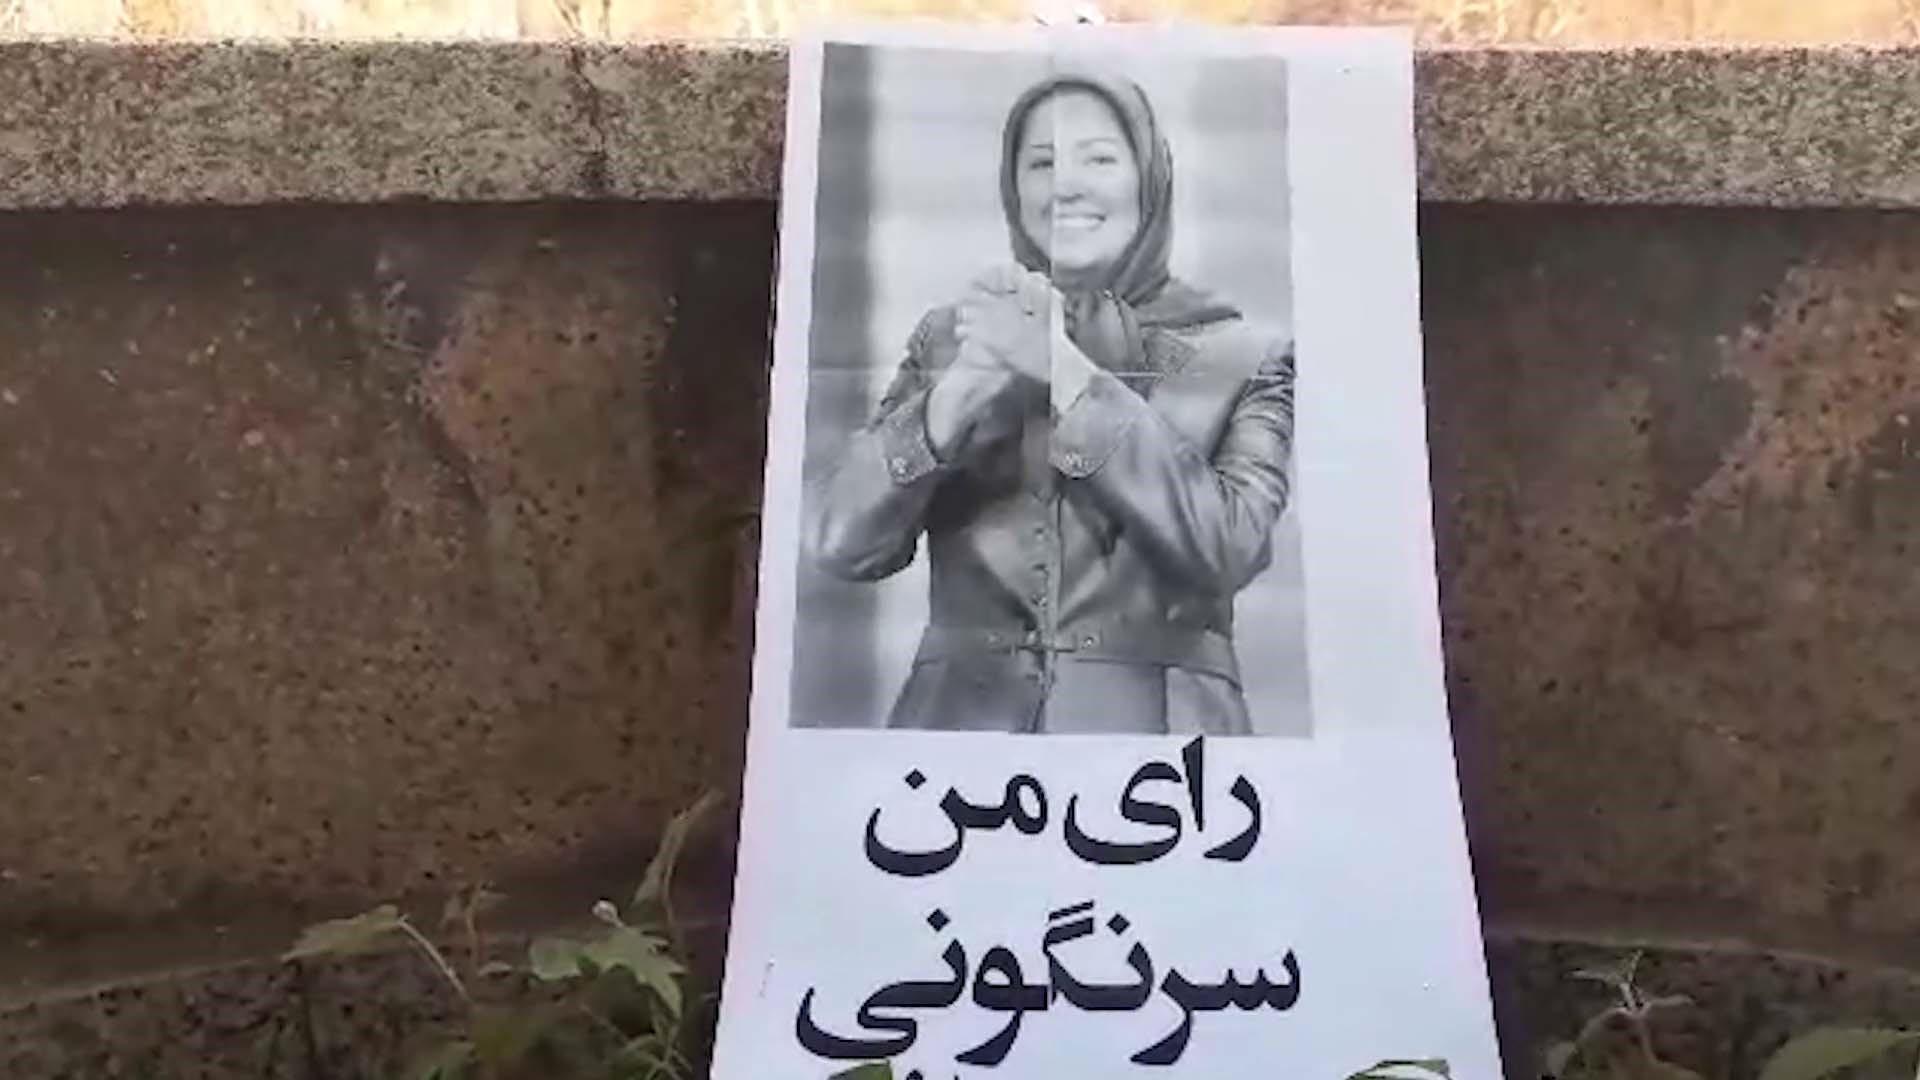 Tehran - Moniriyeh